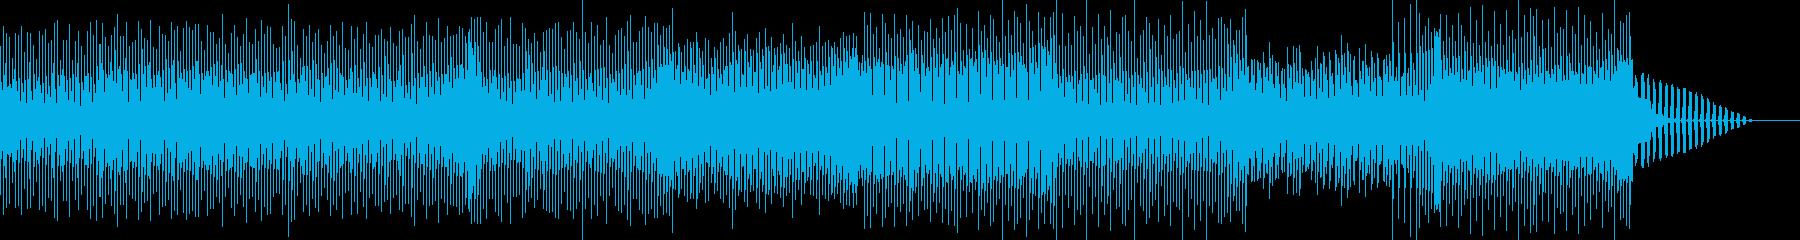 明るく爽やかなEDM系のBGMの再生済みの波形